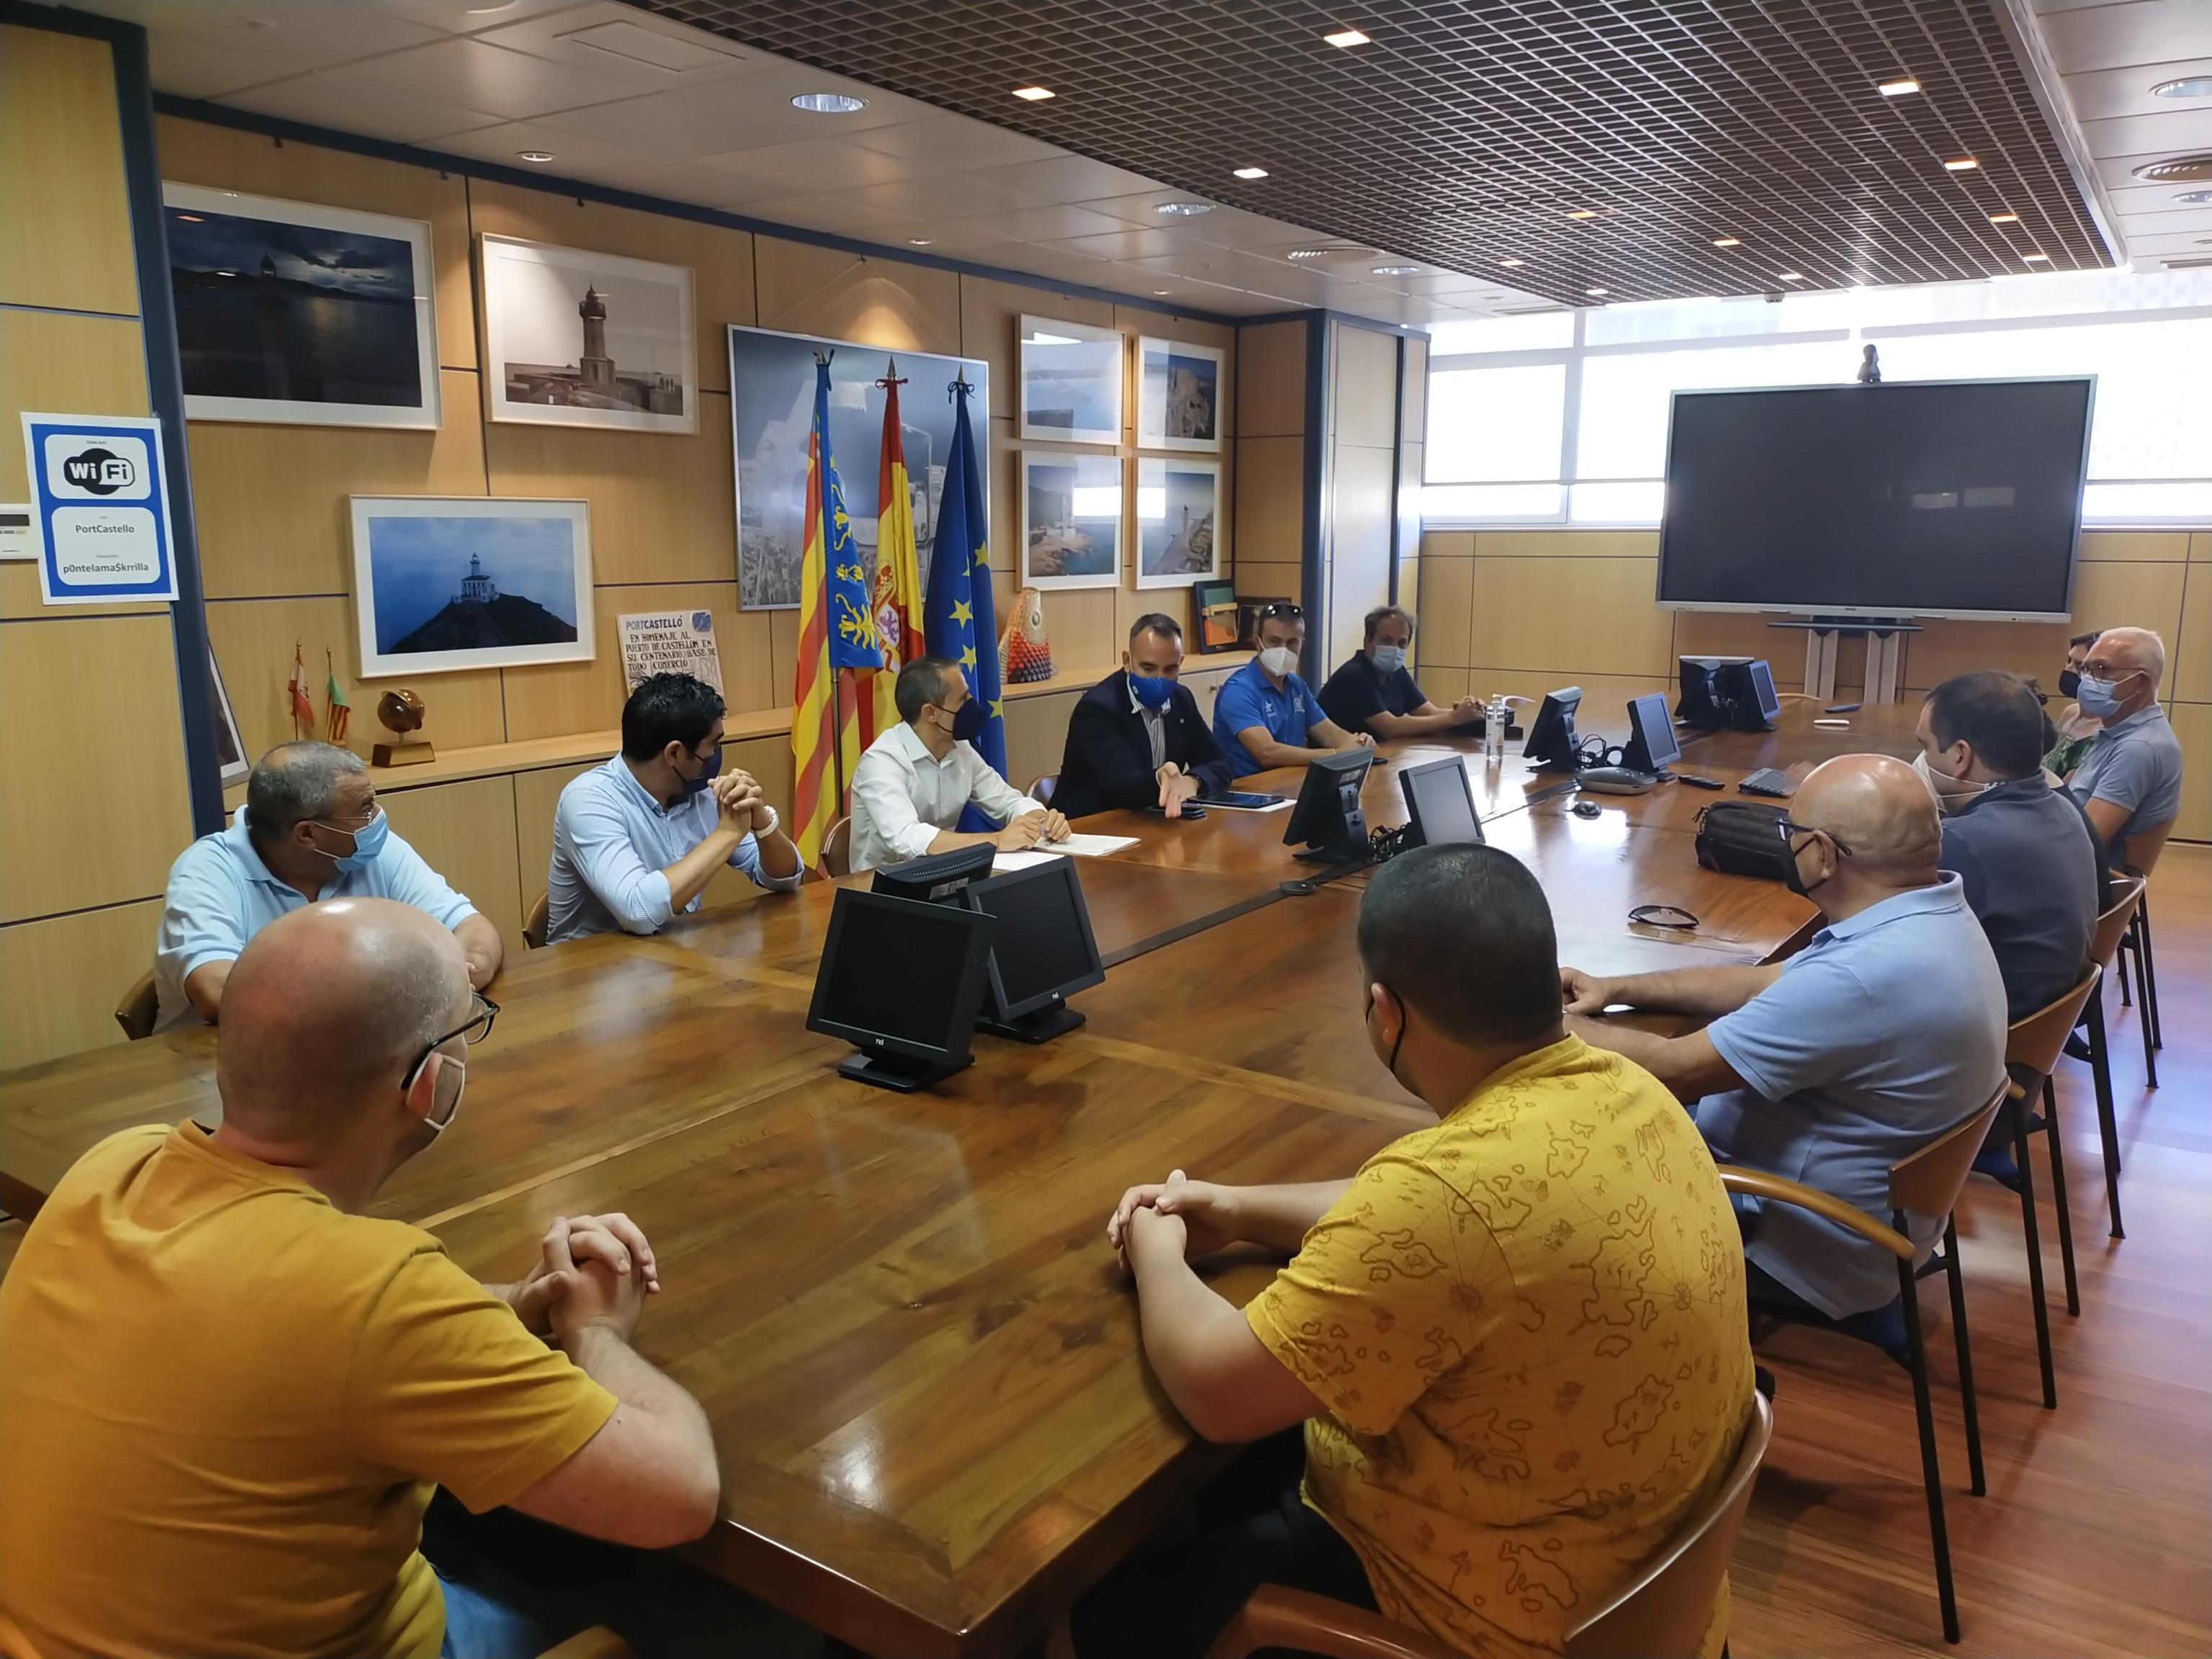 El presidente de PortCastelló, Rafa Simó, apuesta por el patrocinio a organizaciones.